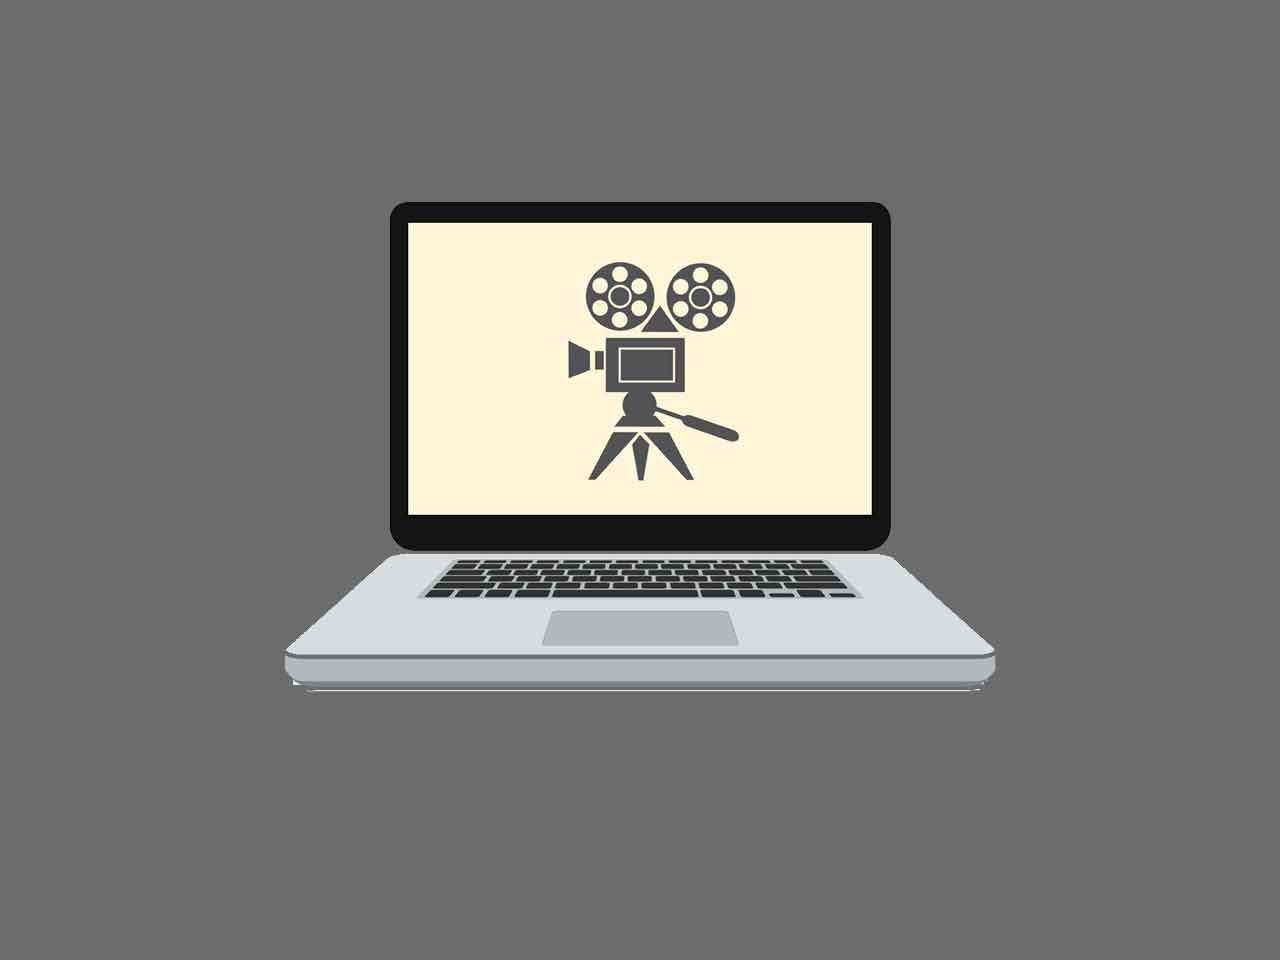 7 Cara Download Film di Laptop Tanpa Aplikasi IDM (Praktis ...